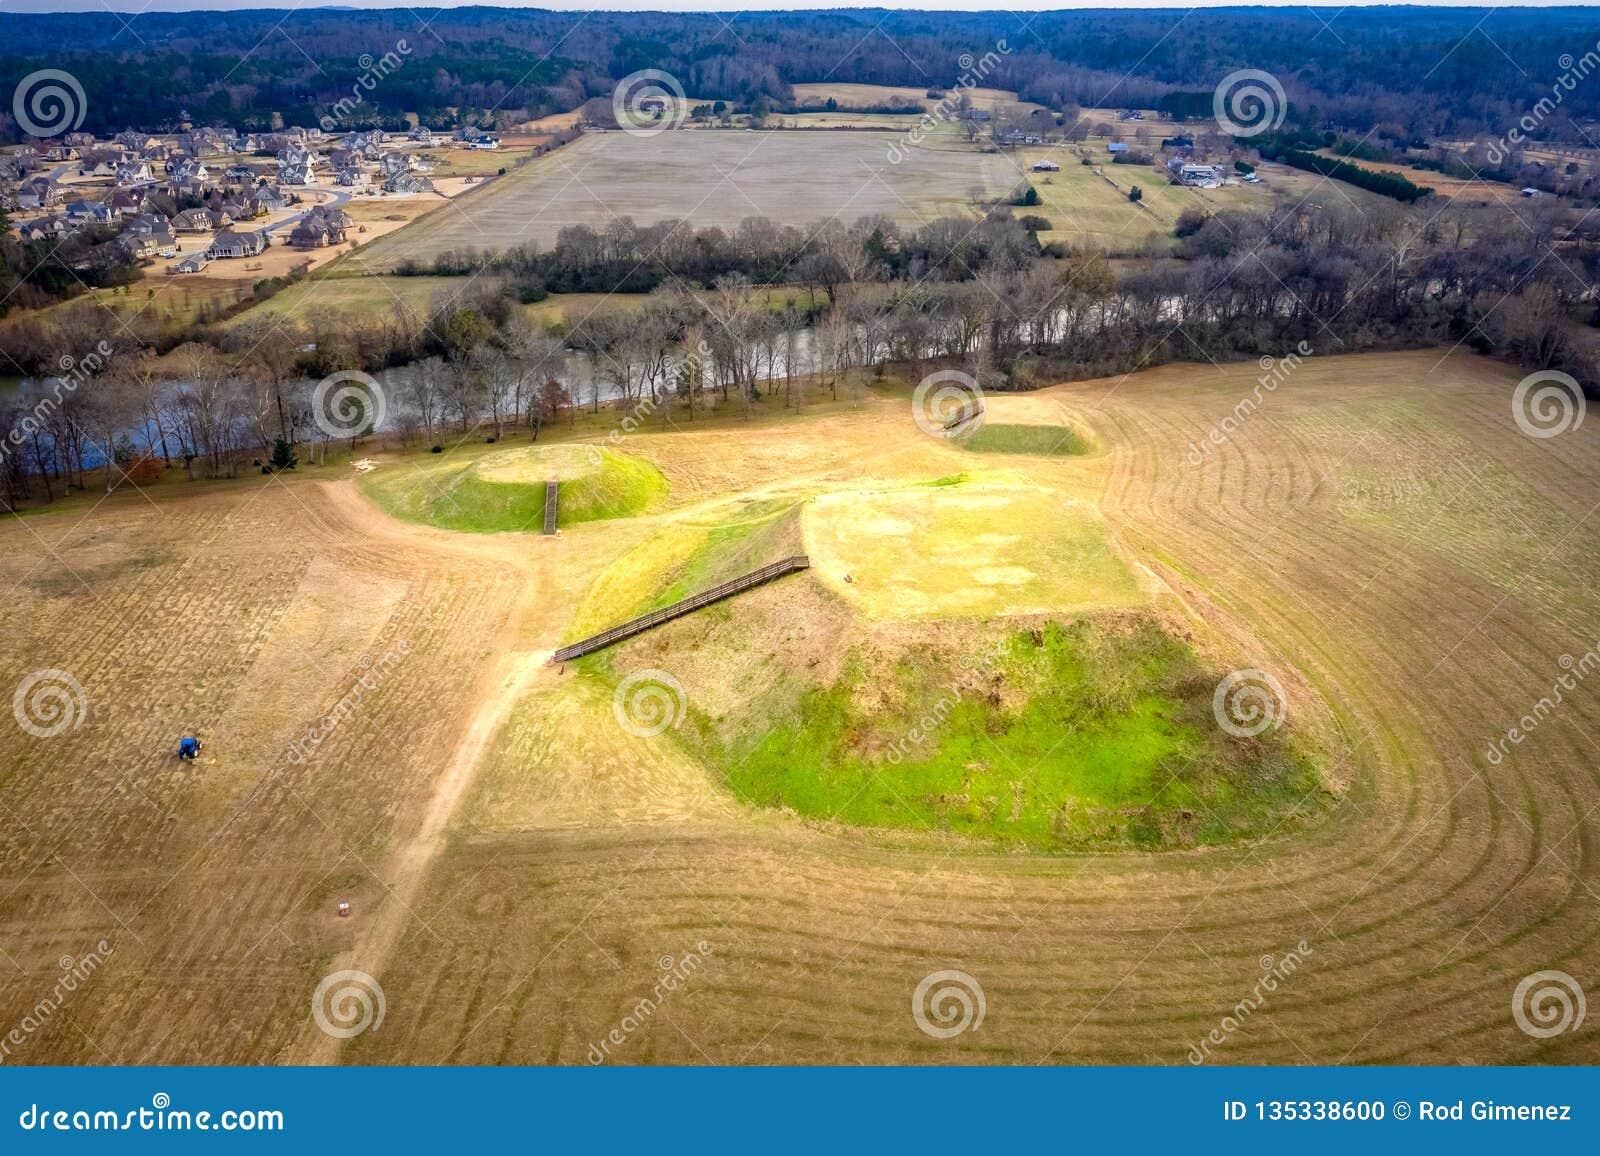 Vista aérea do local histórico dos montes indianos de Etowah em Cartersville Geórgia